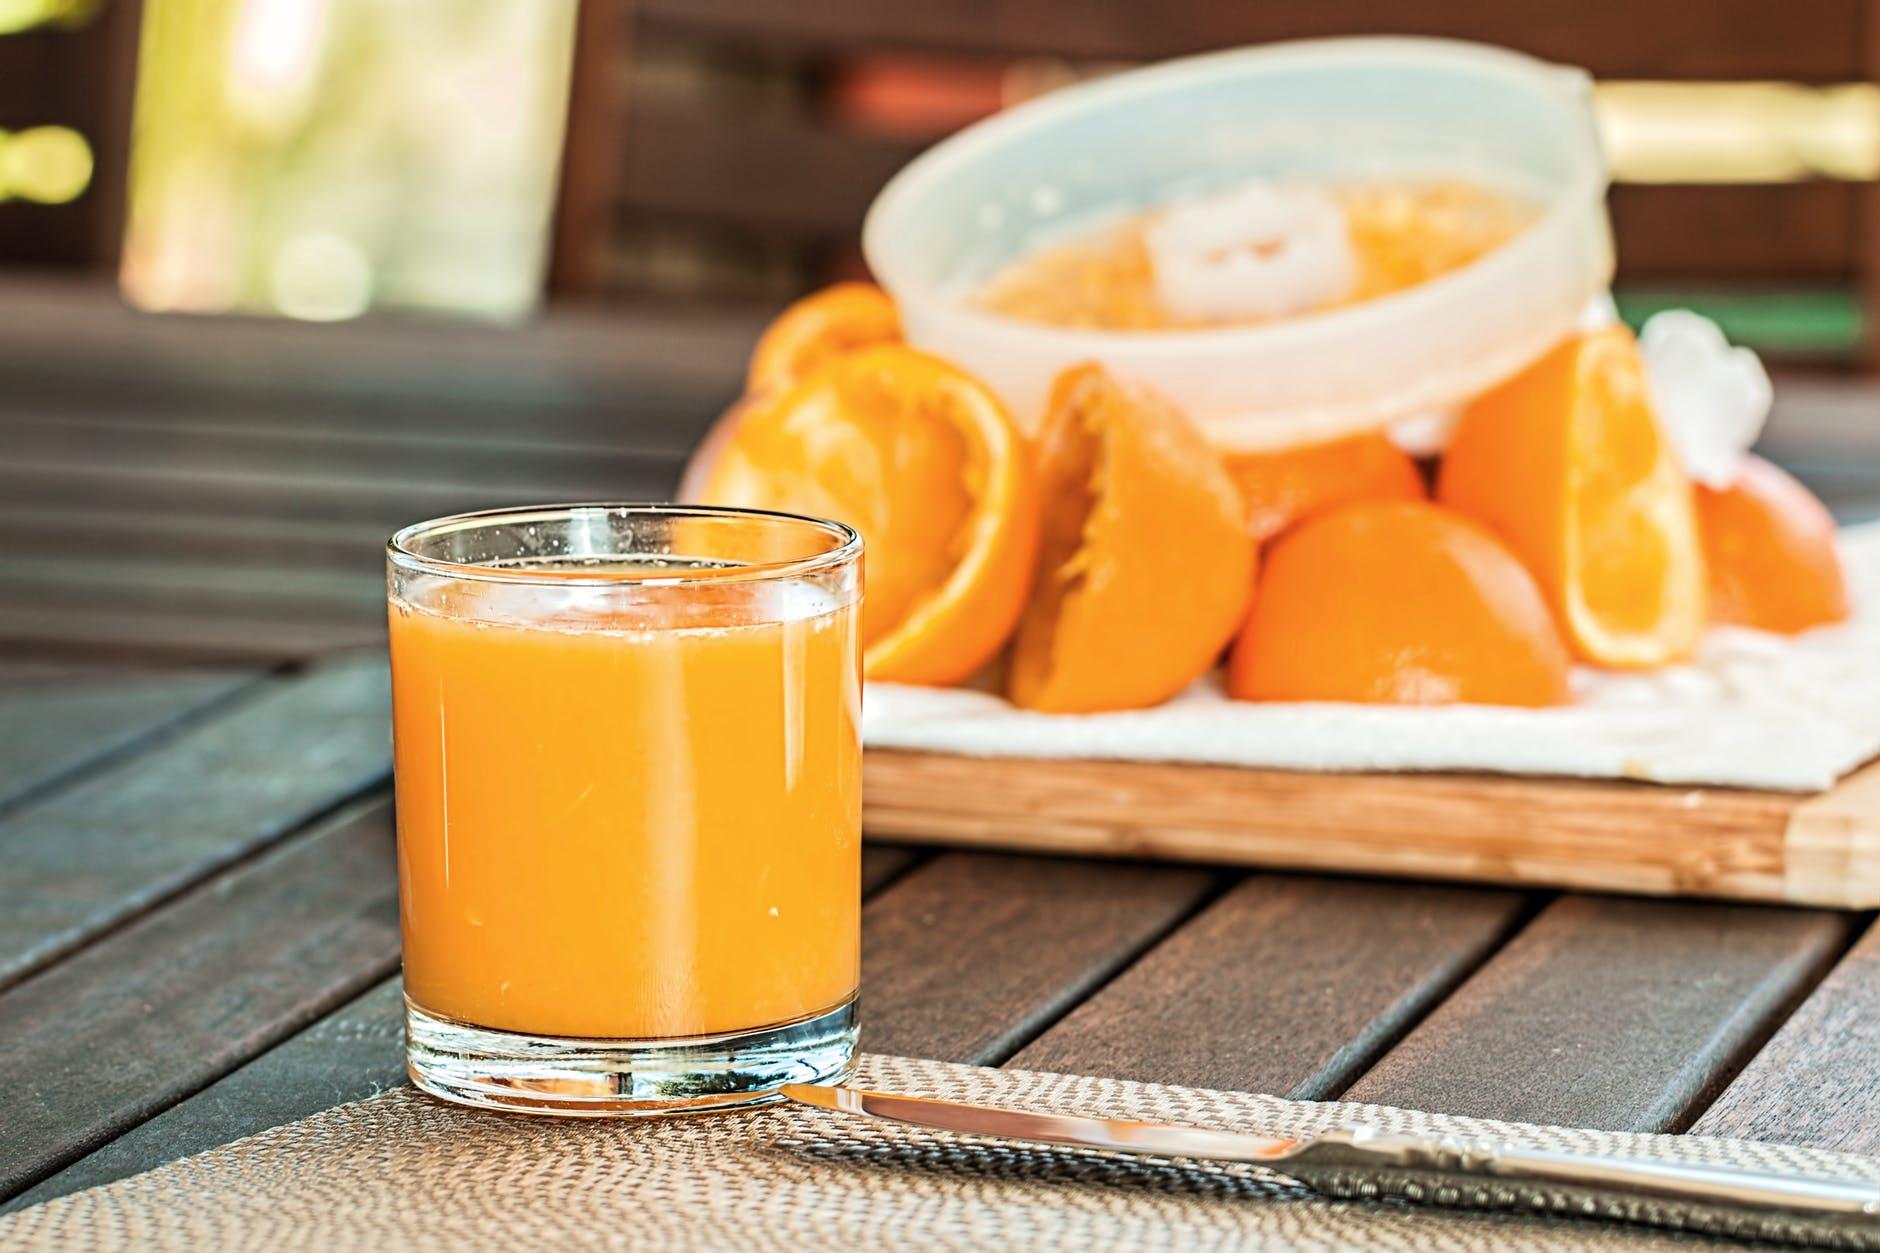 fresh-orange-juice-squeezed-refreshing-citrus-158053.jpeg